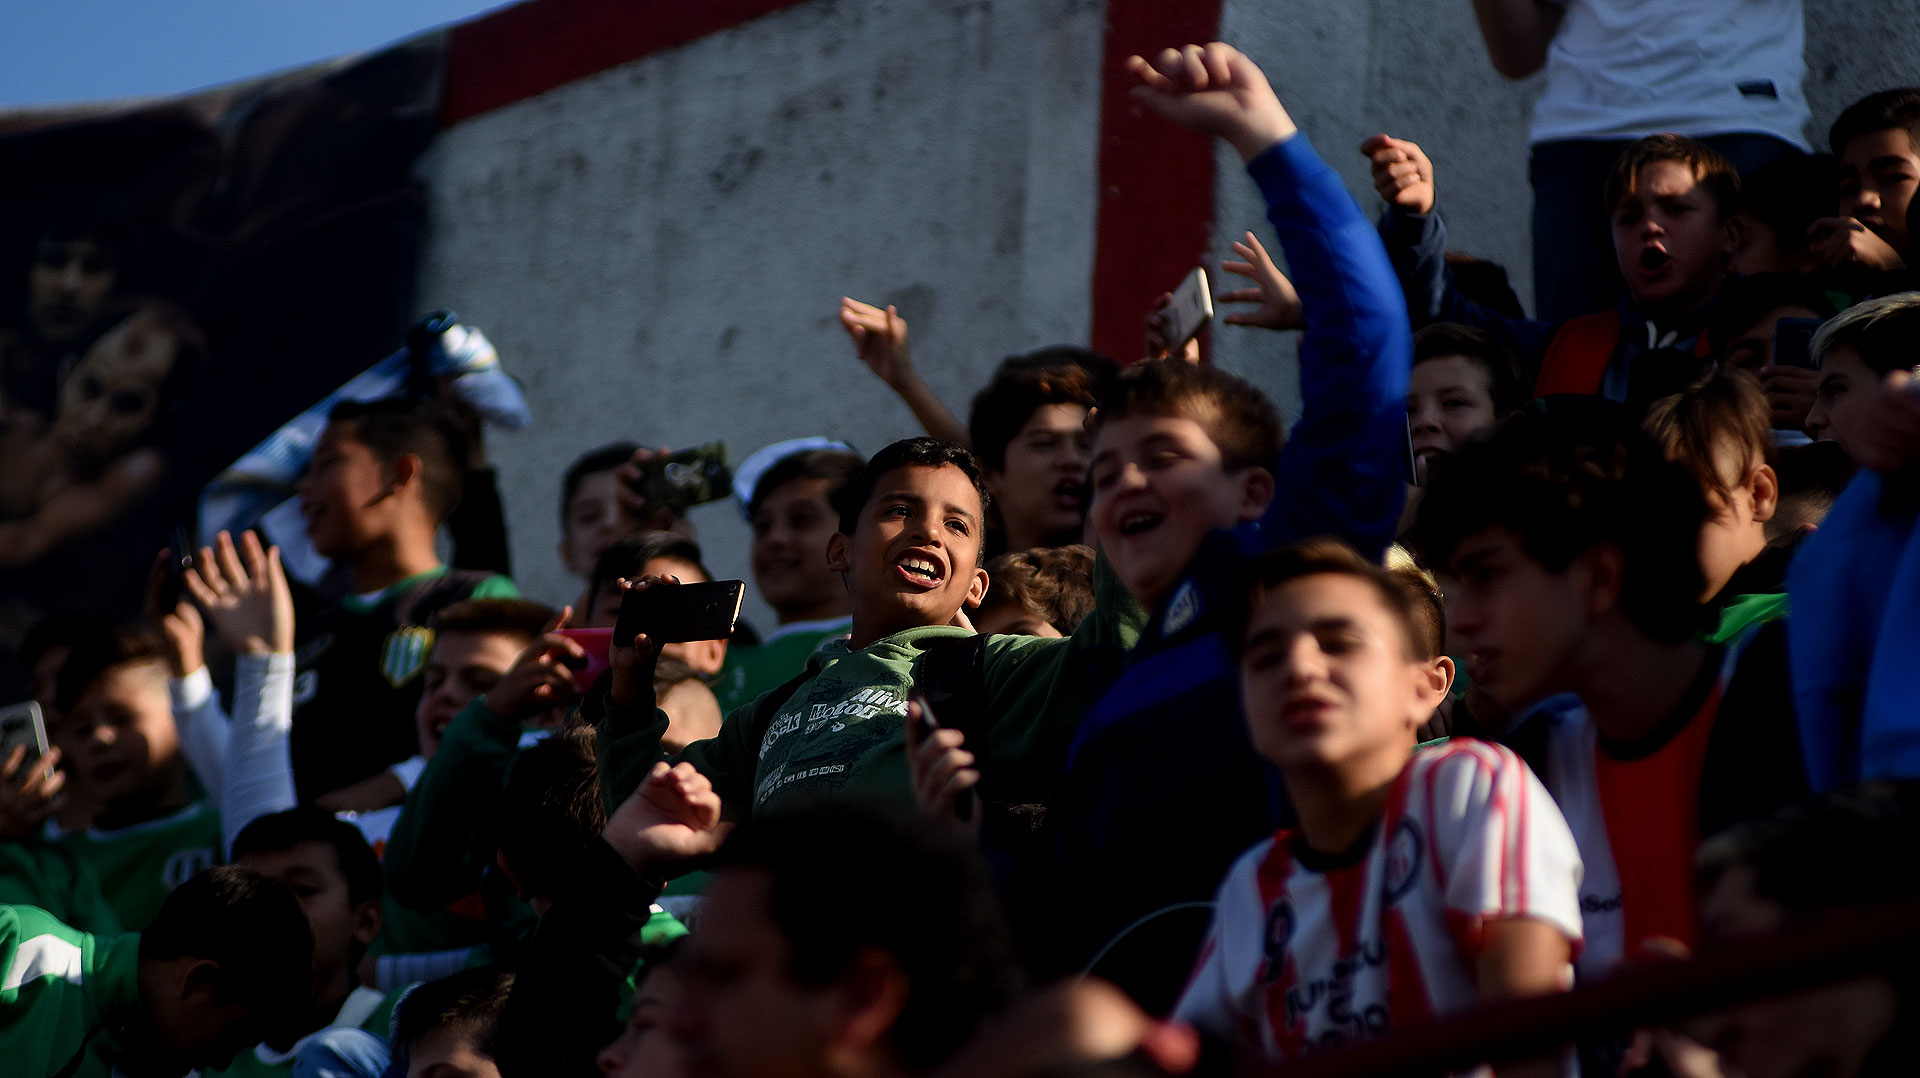 Las tribunas estuvieron llenas de niños que ovacionaron a sus ídolos. La Selección tuvo un baño de afecto de parte del público más genuino